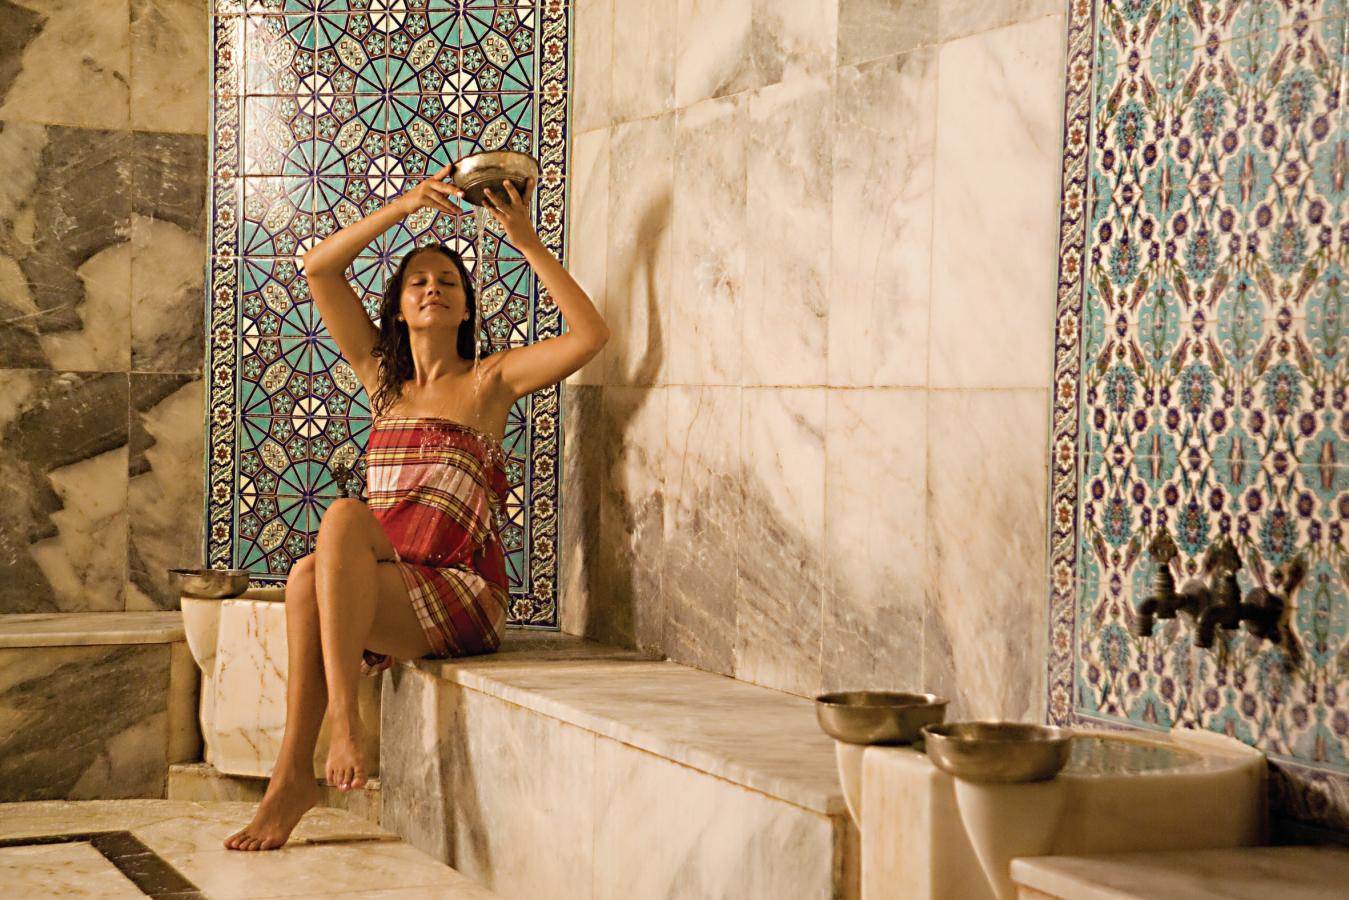 русская девушка в турецкой бане видео позволит